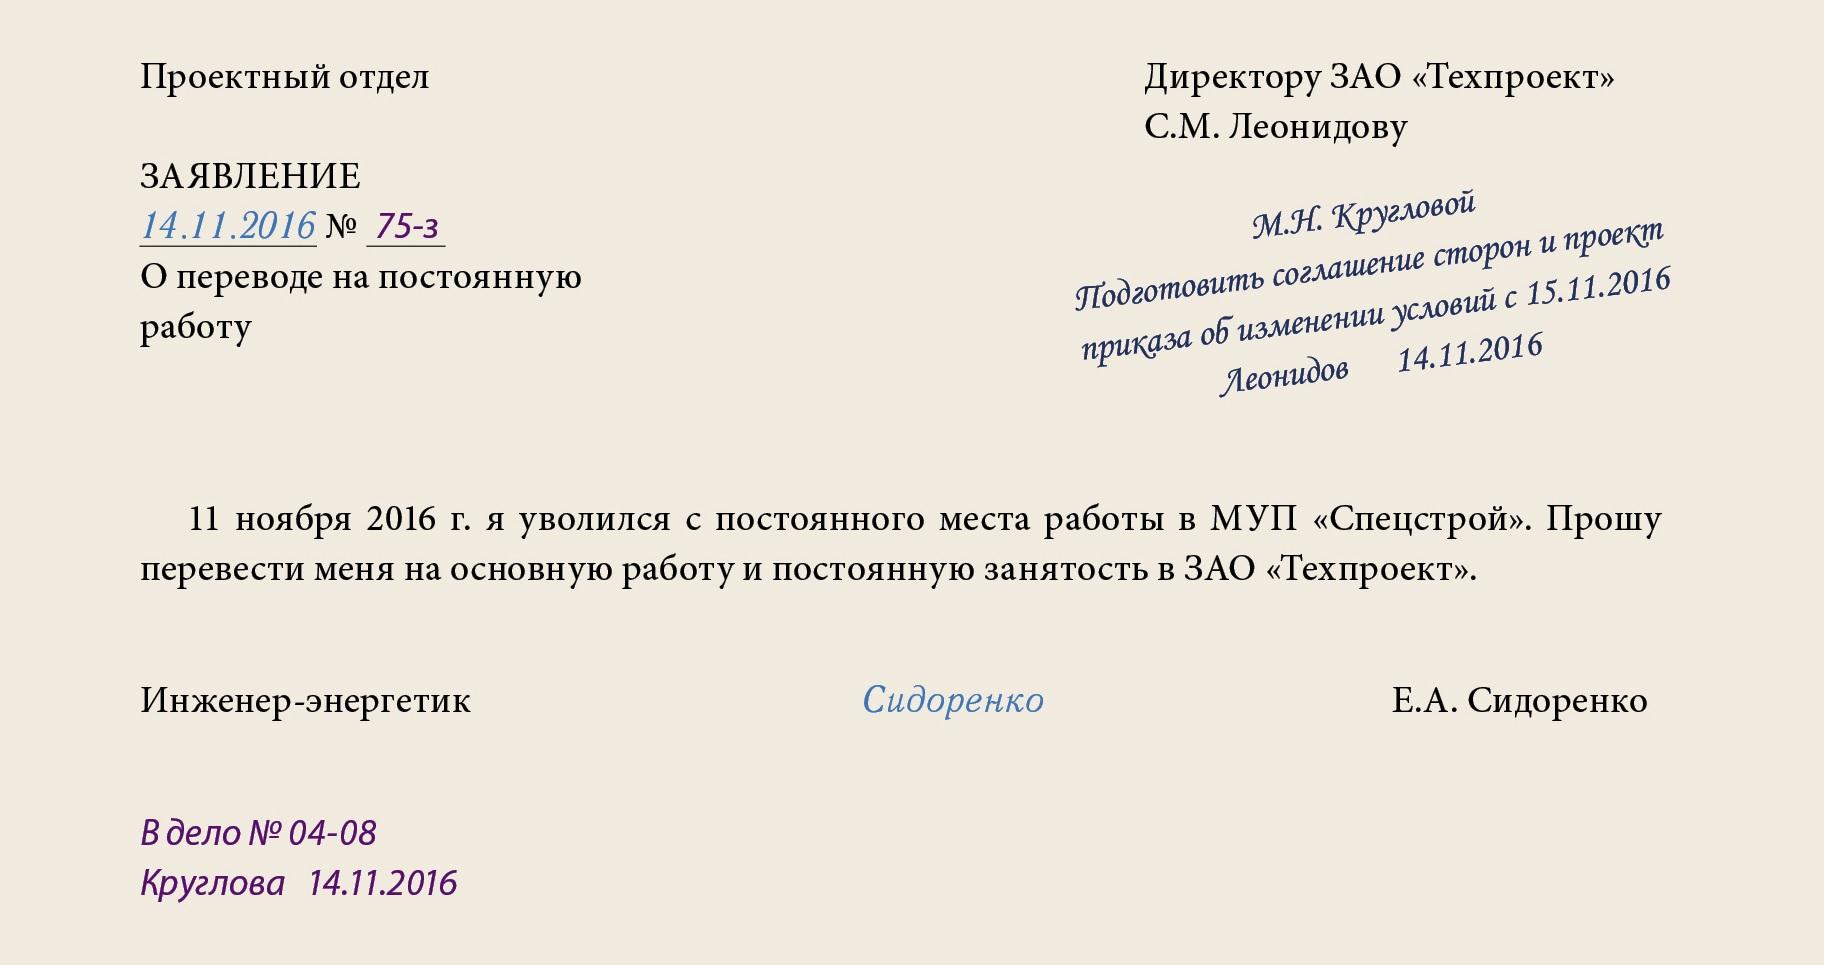 Калининский районный суд спб официальный сайт судопроизводство